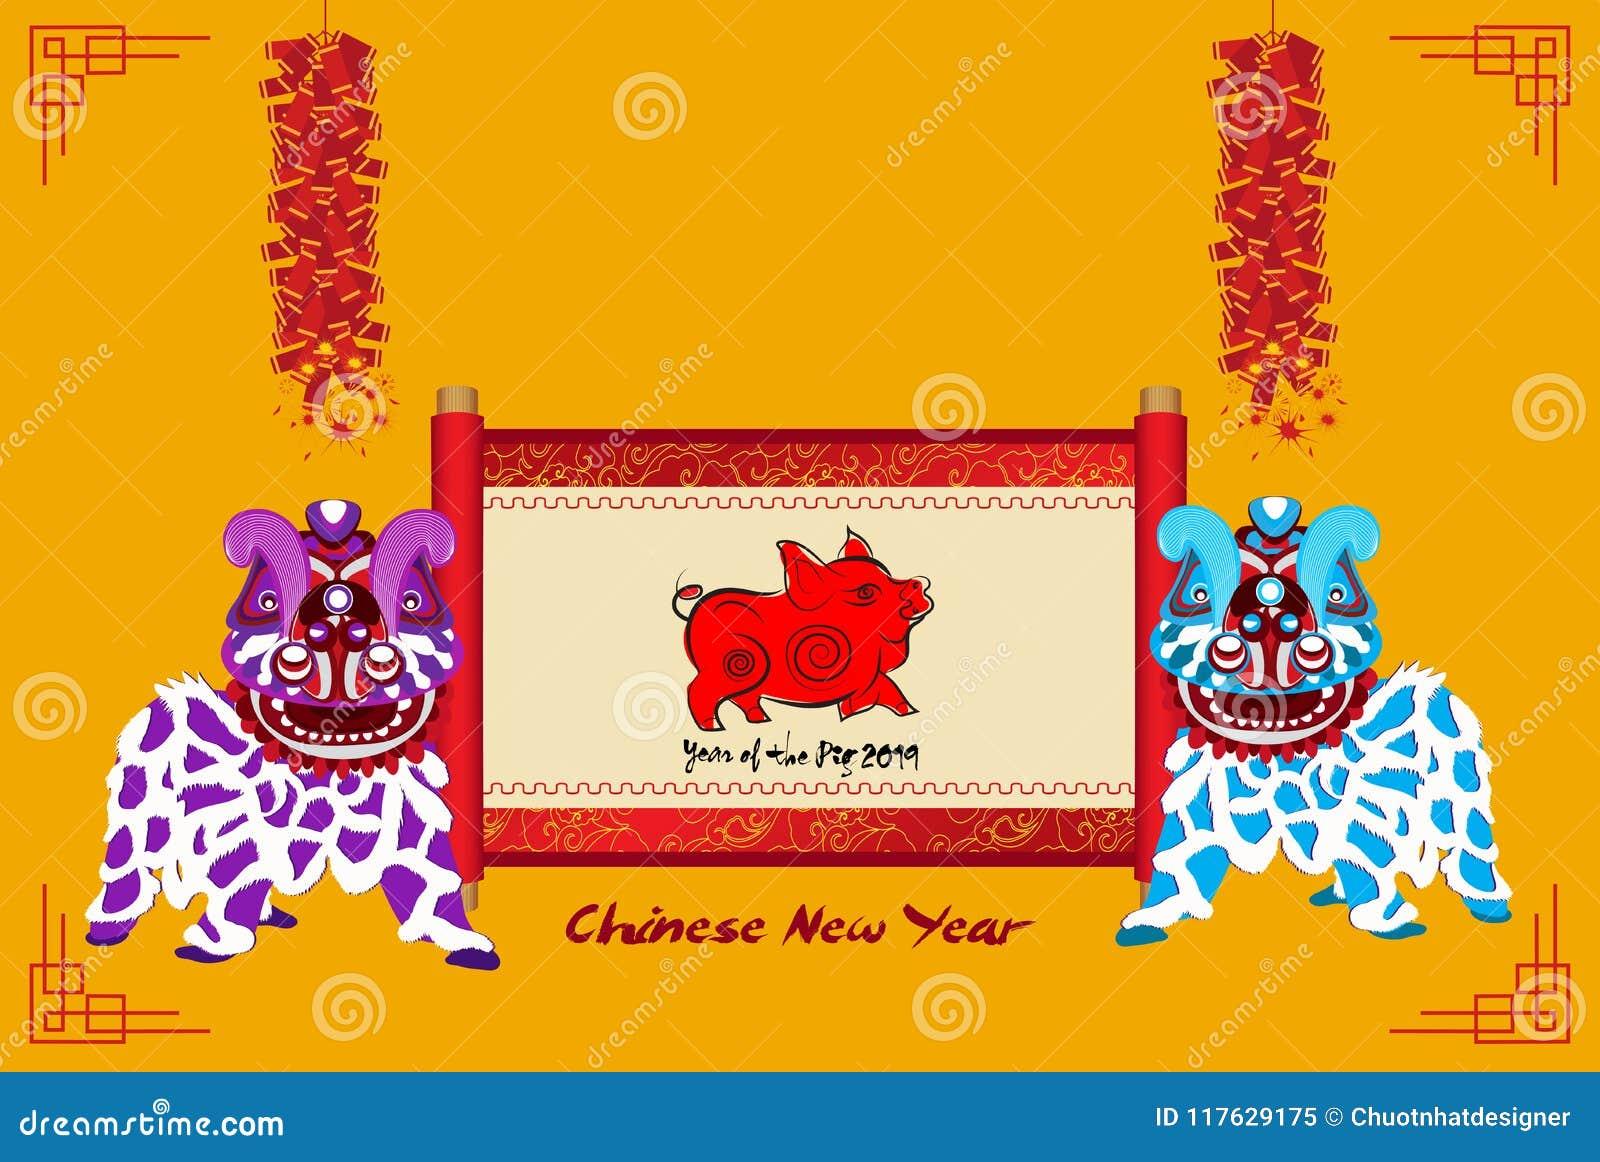 狮子跳舞和春节与纸卷横幅和爆竹